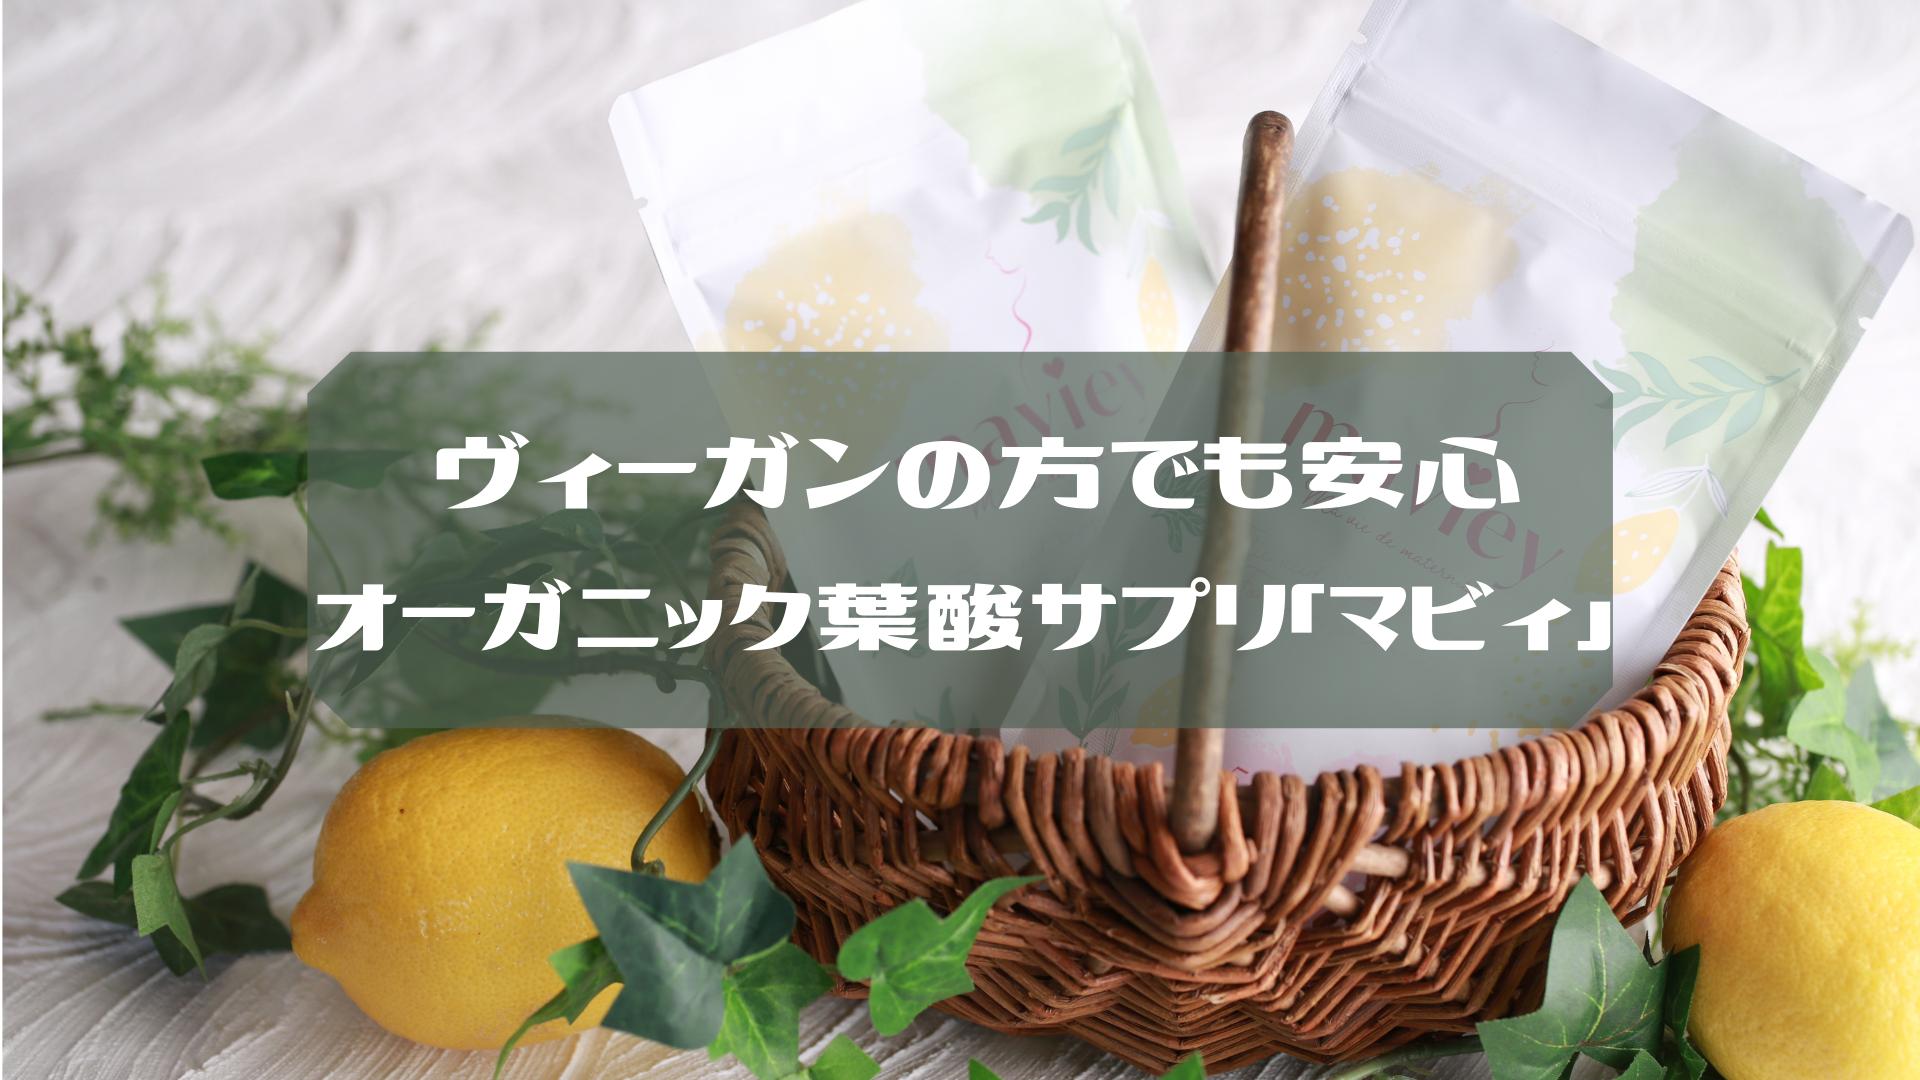 妊活専用オーガニック葉酸サプリメント【Maviey(マビィ)】が誕生